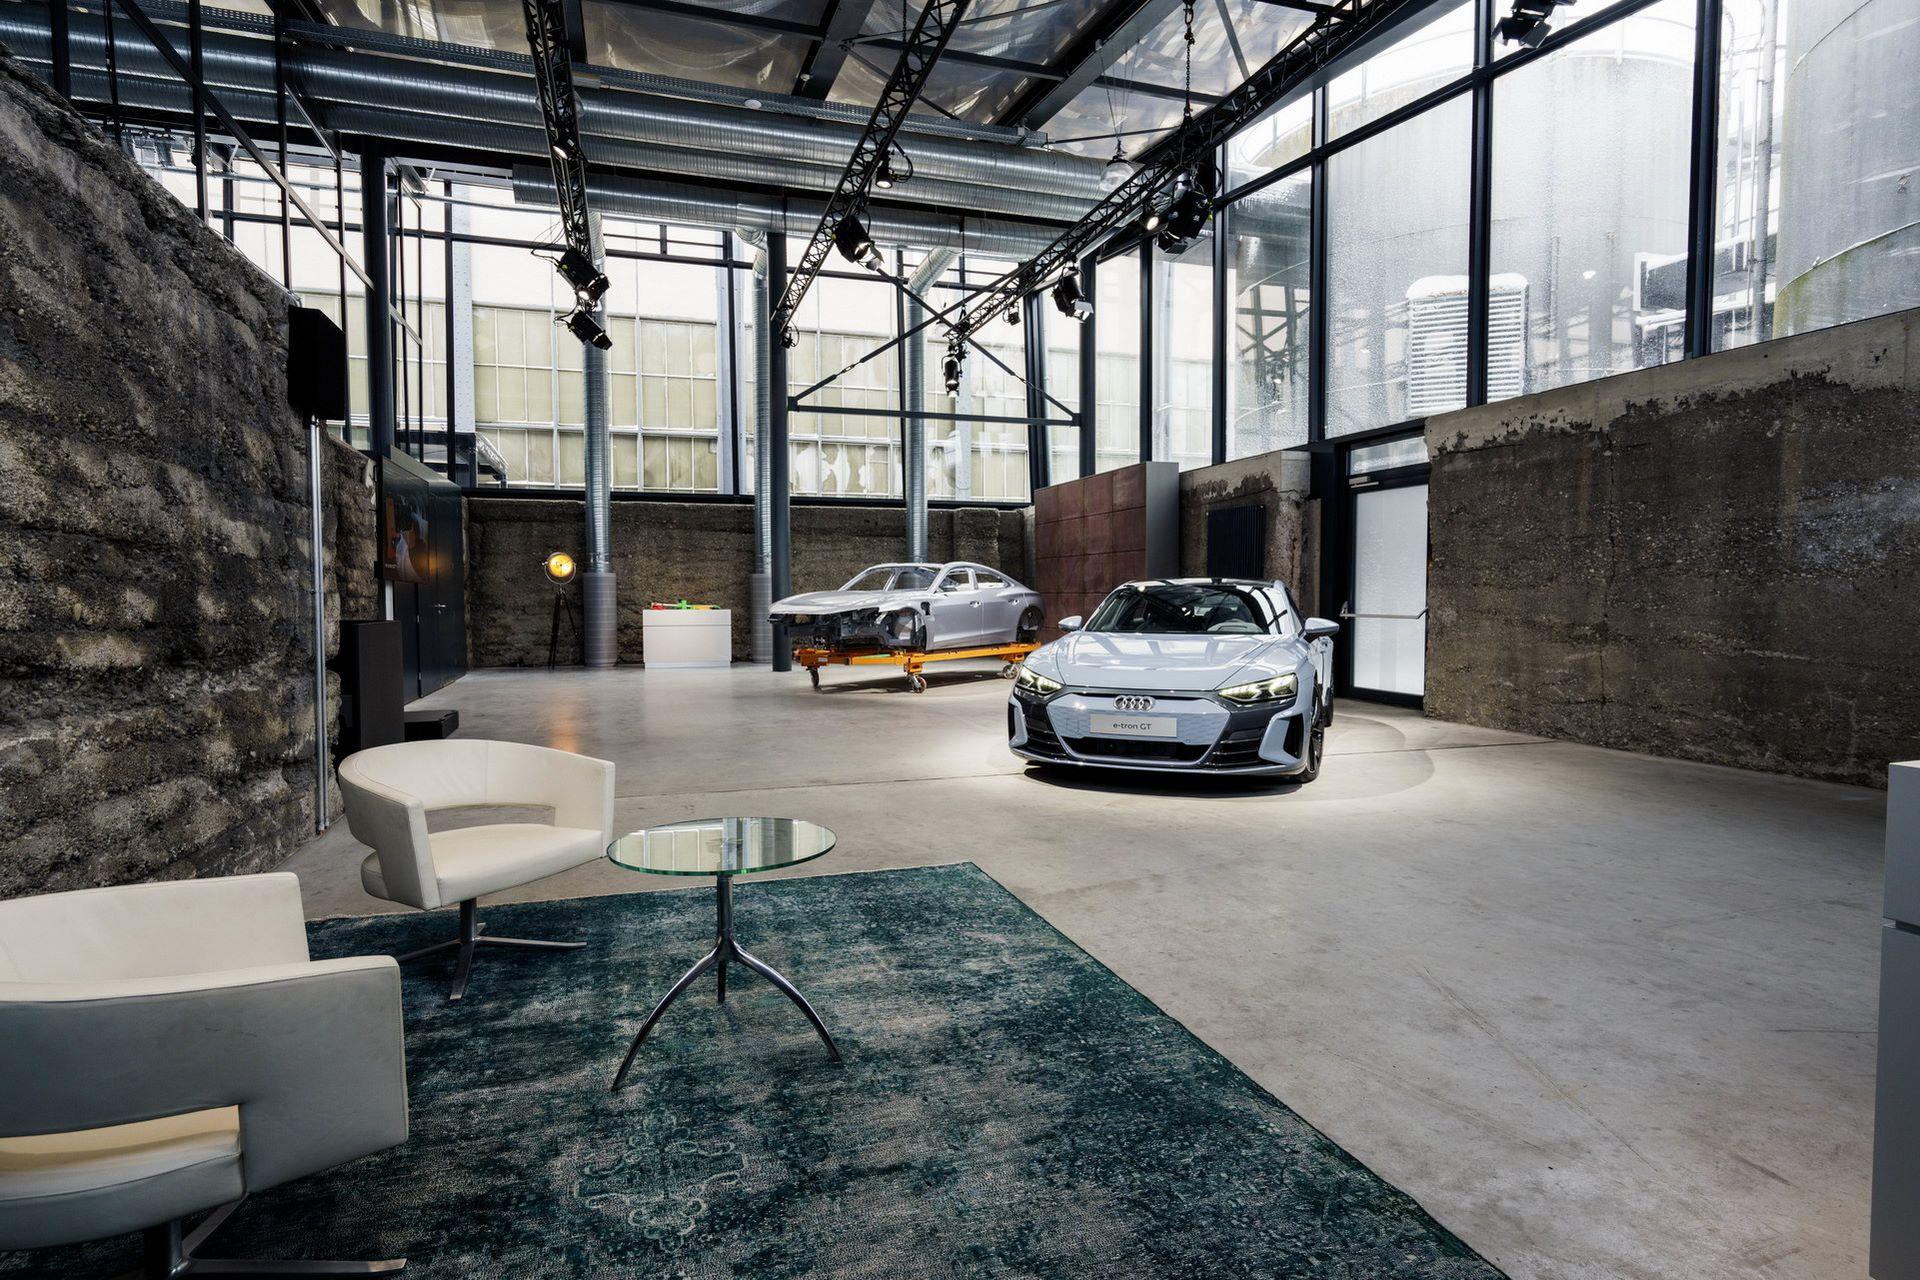 2_2022-Audi-e-tron-GT-plant-19